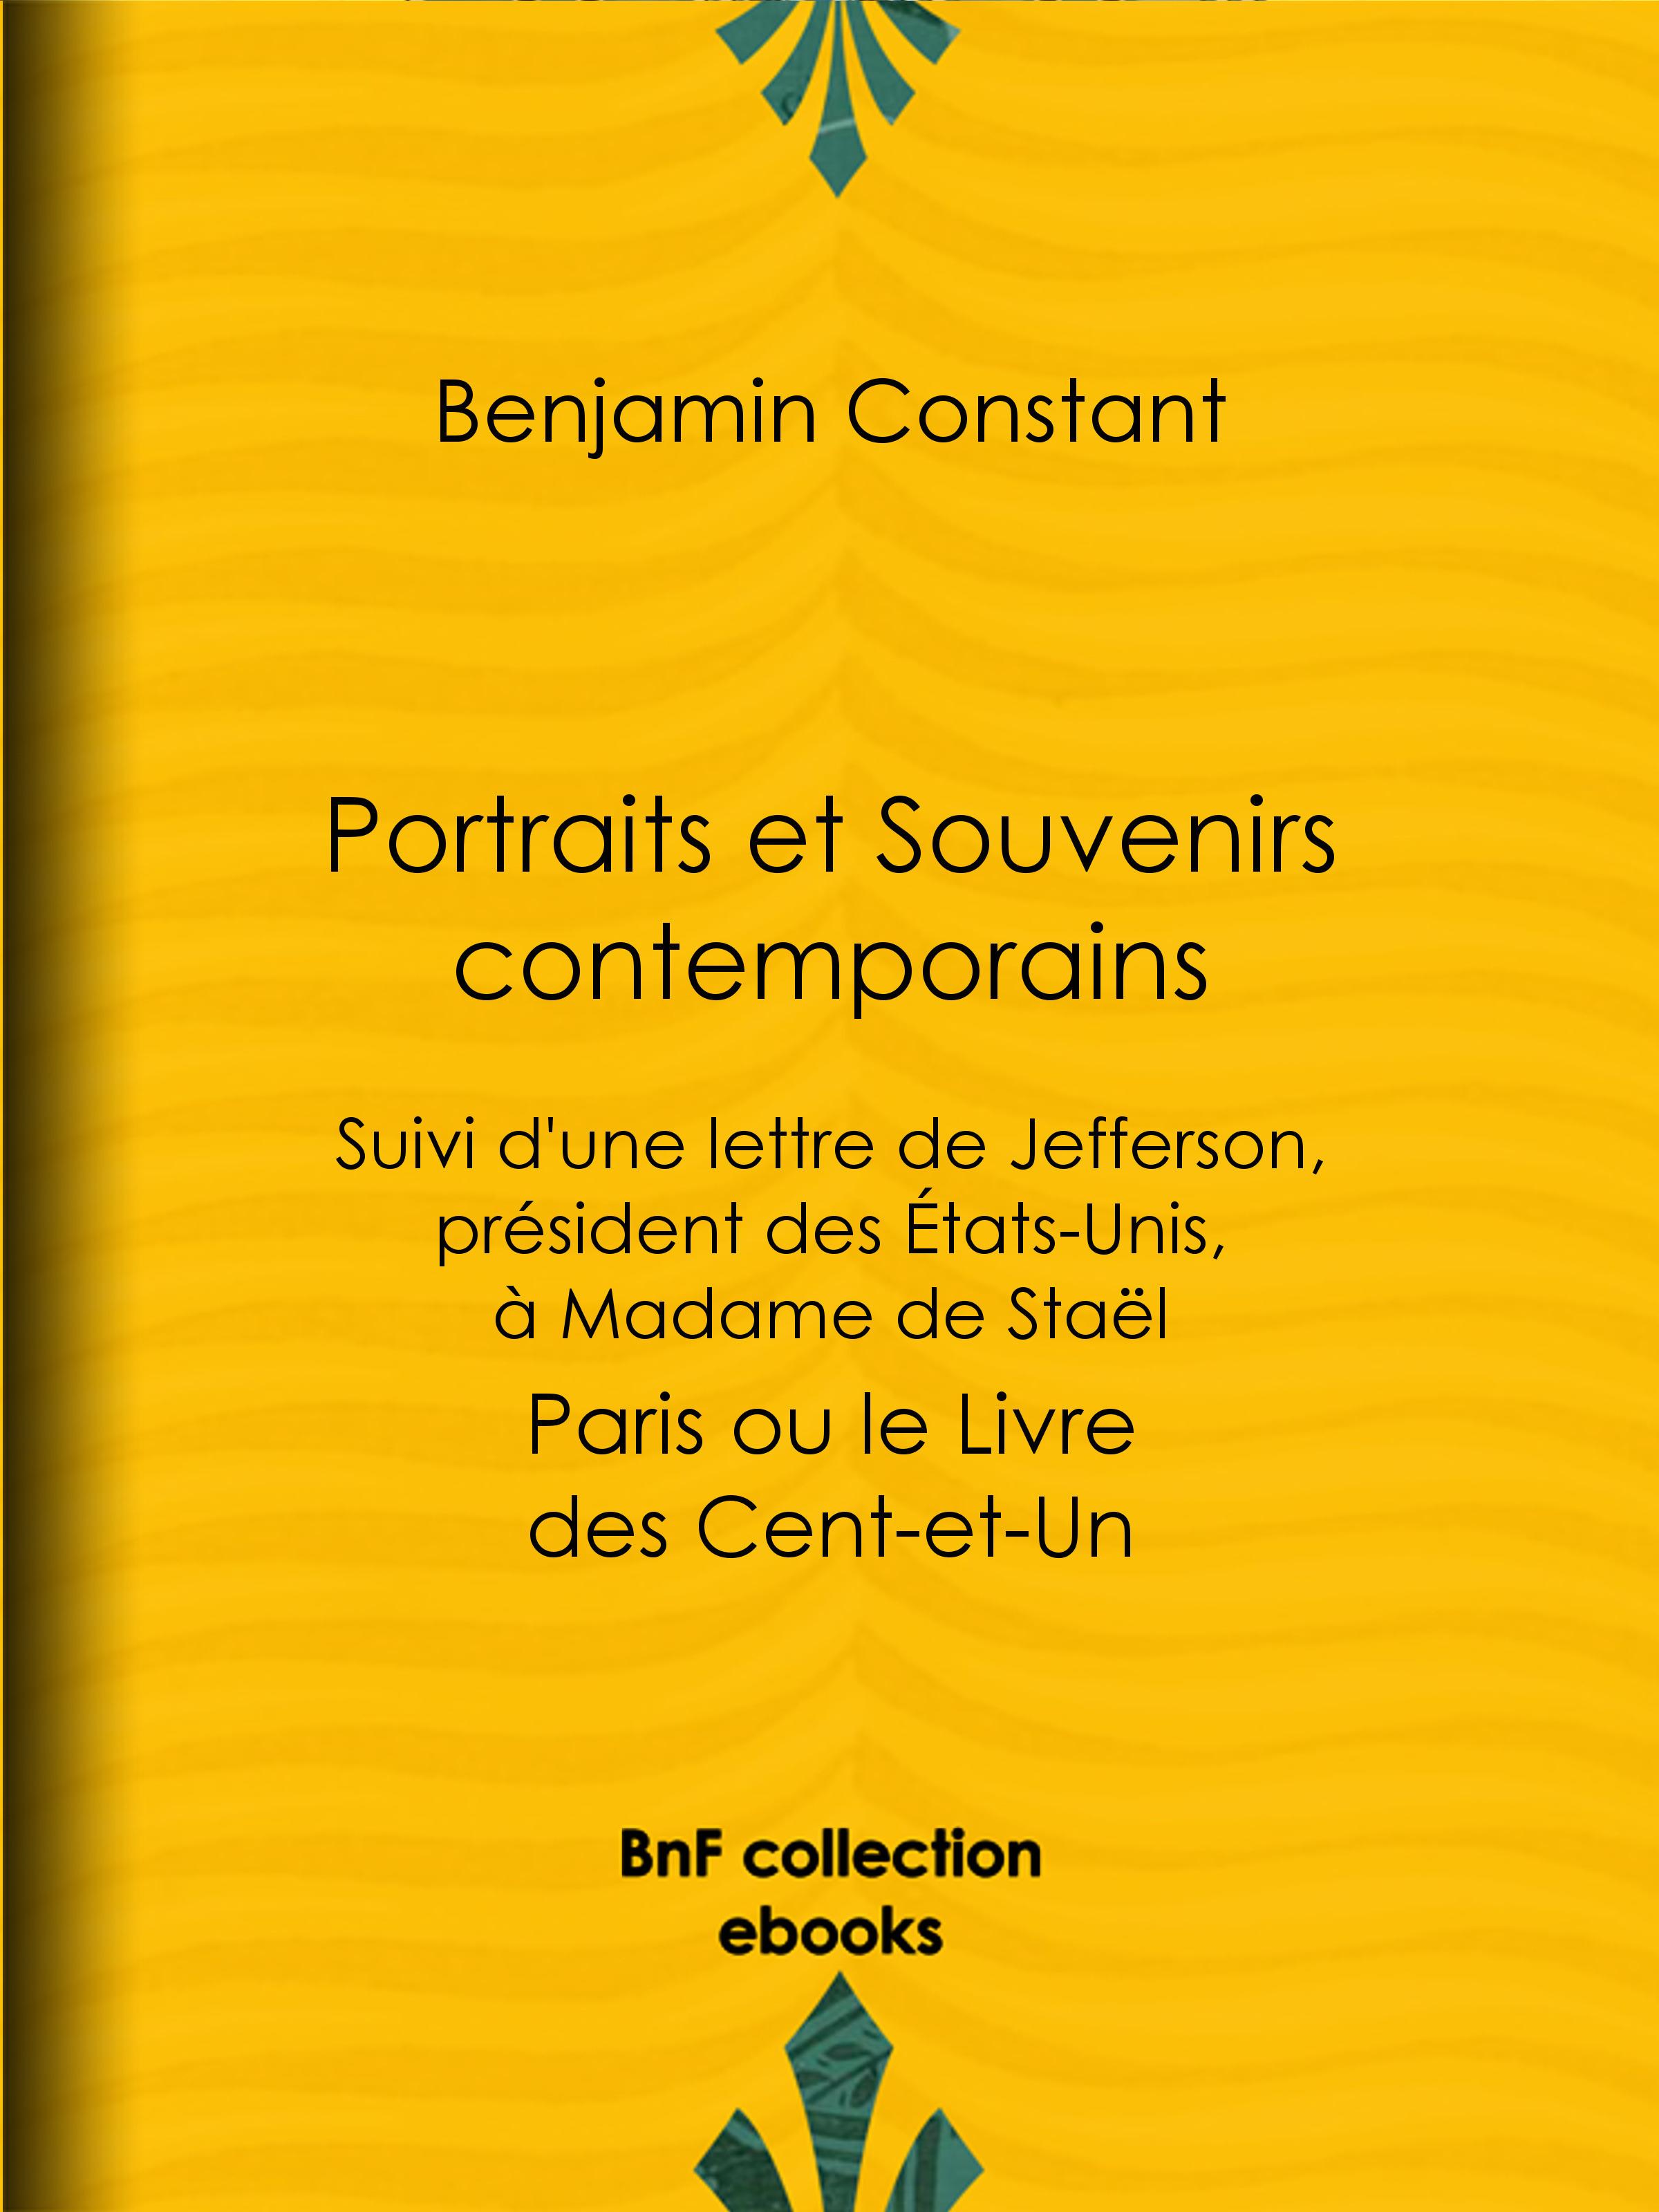 Portraits et Souvenirs contemporains, suivi d'une lettre de Jefferson, président des États-Unis, à madame de Staël